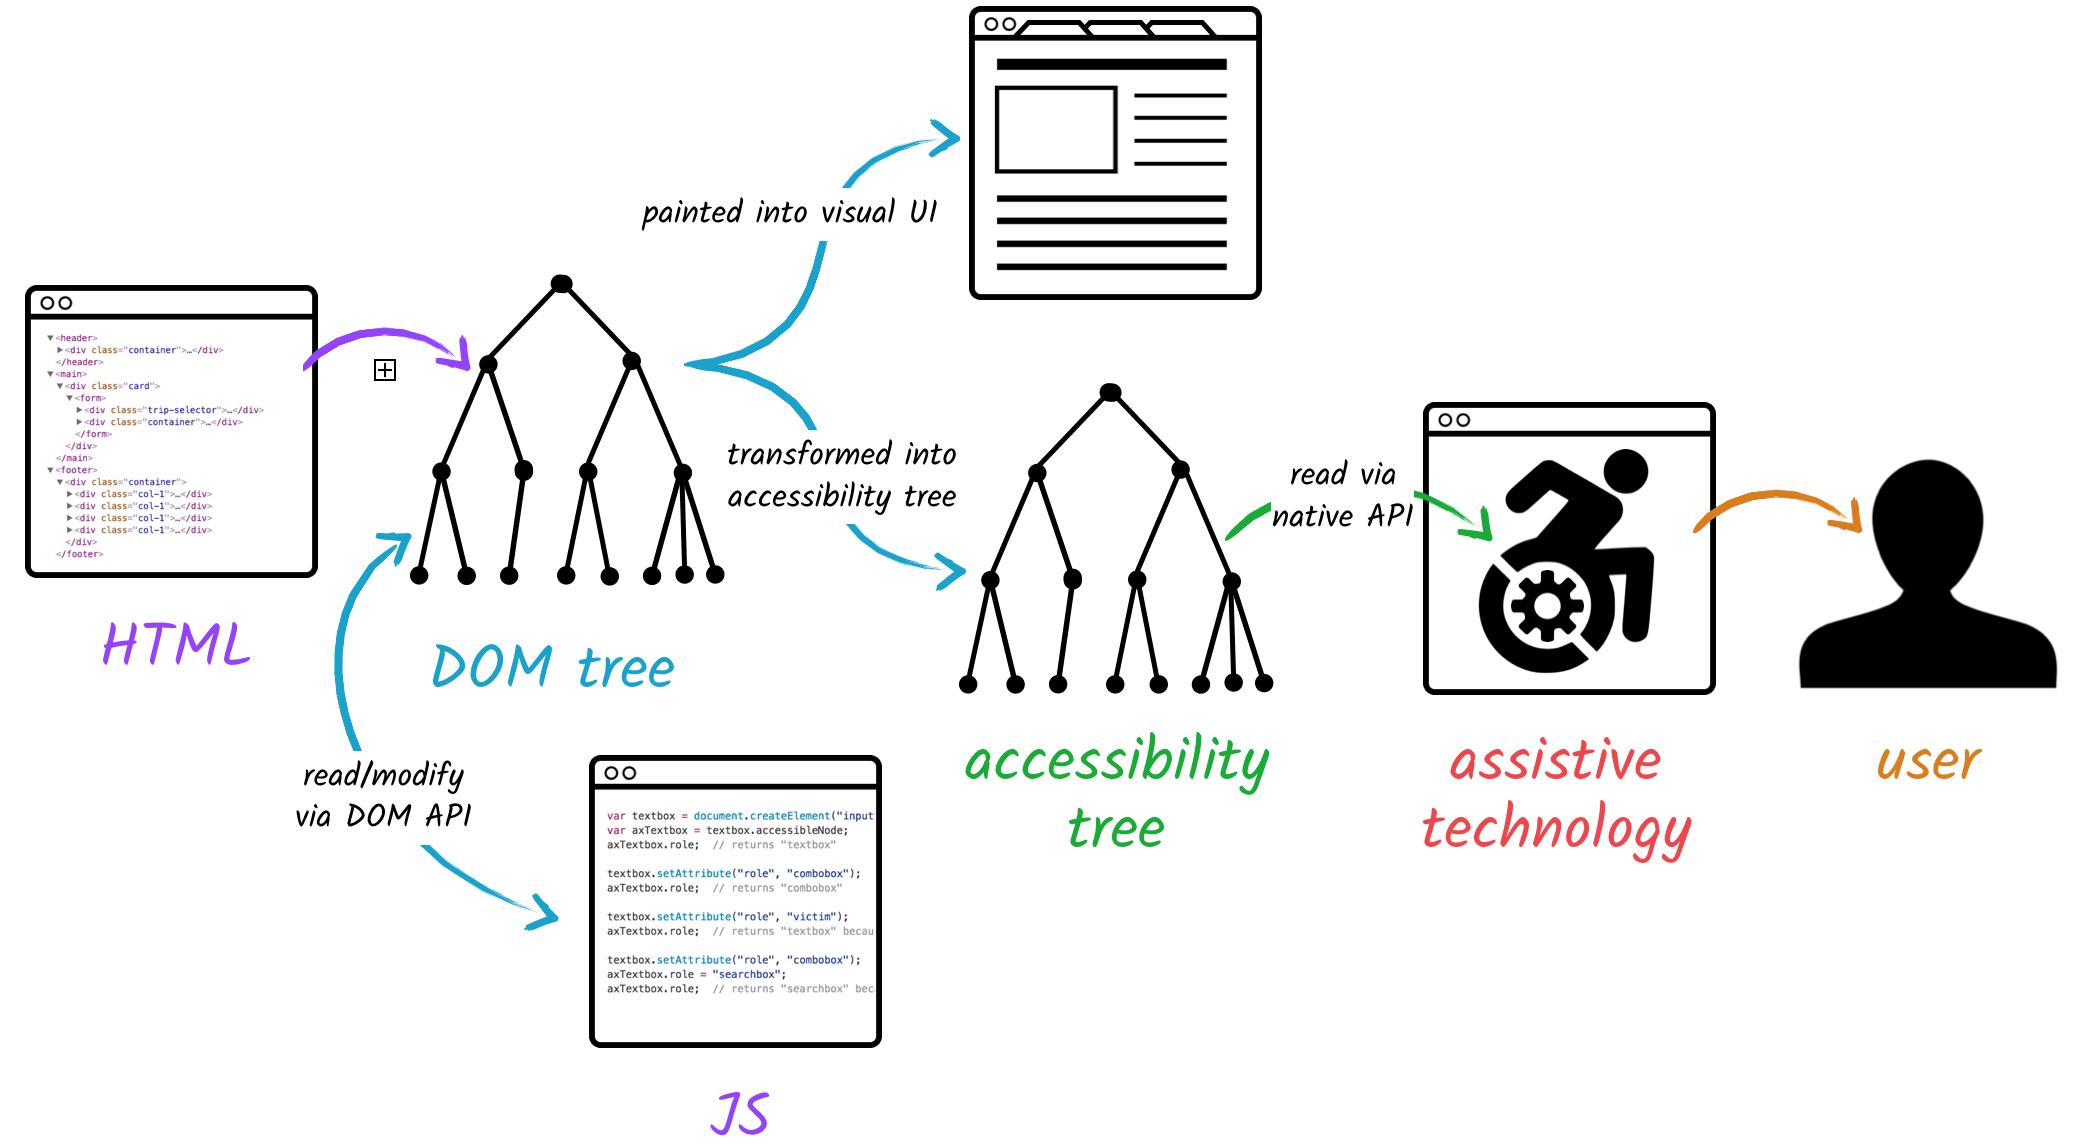 Assistive technology haalt info uit accessibility tree via native API. De accessibility tree is afgeleid uit de DOM tree die het visuele bepaalt en die eventueel gewijzigd kan zijn via JavaScript